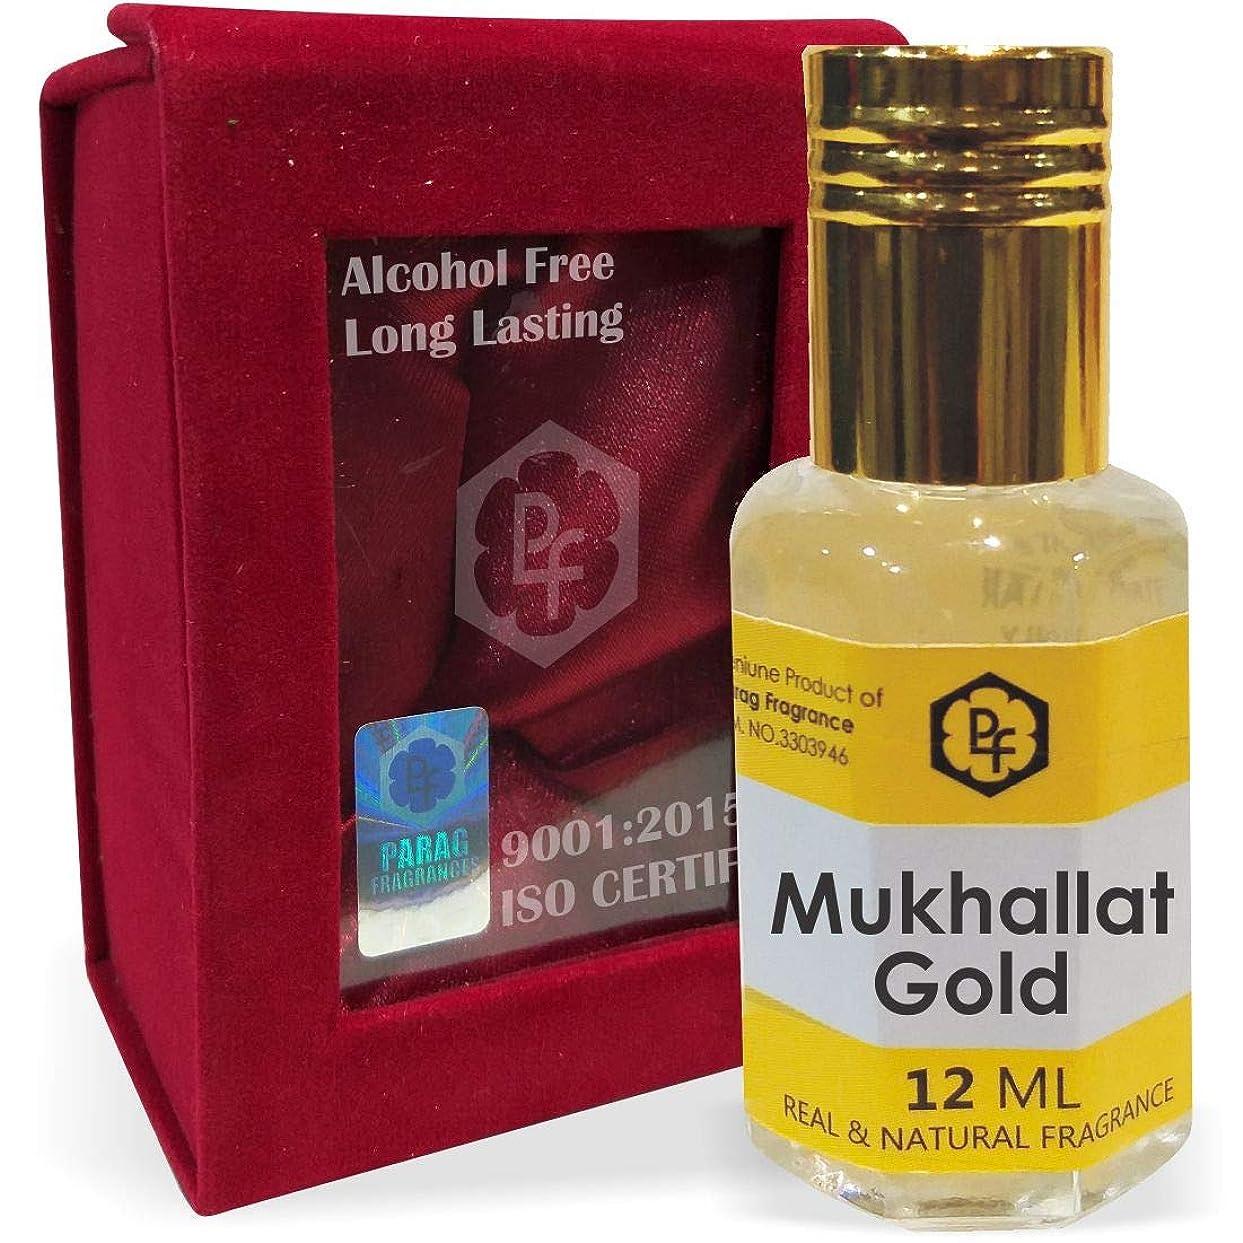 貫通ライトニング徐々に手作りのベルベットボックスParagフレグランスMukhallatゴールド12ミリリットルアター/香油/(インドの伝統的なBhapka処理方法により、インド製)フレグランスオイル|アターITRA最高の品質長持ち